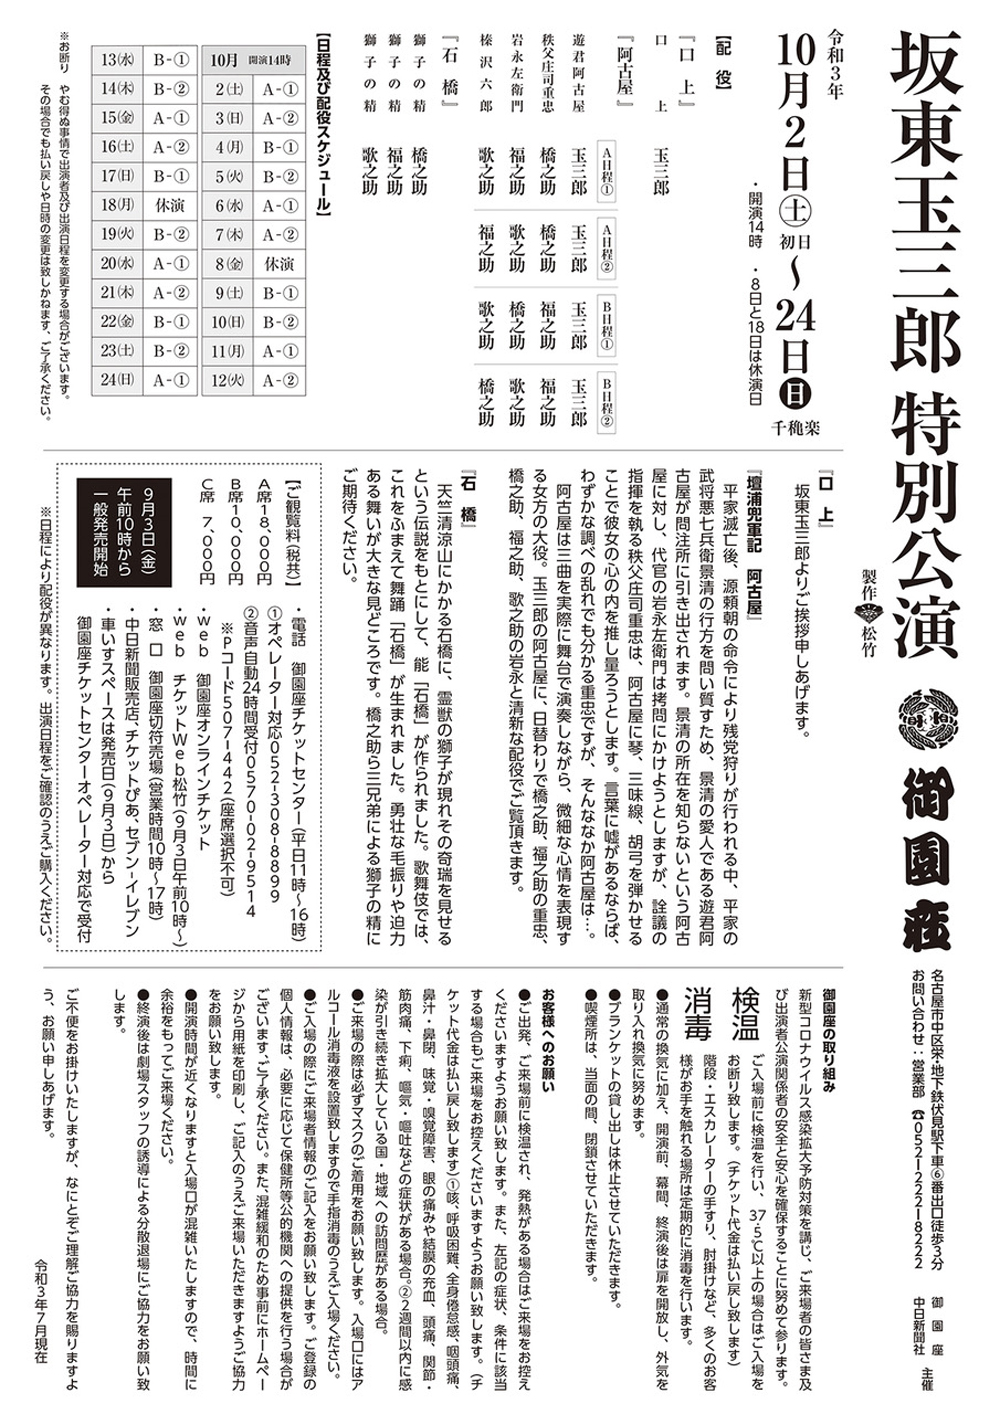 坂東玉三郎 特別公演 ちらし